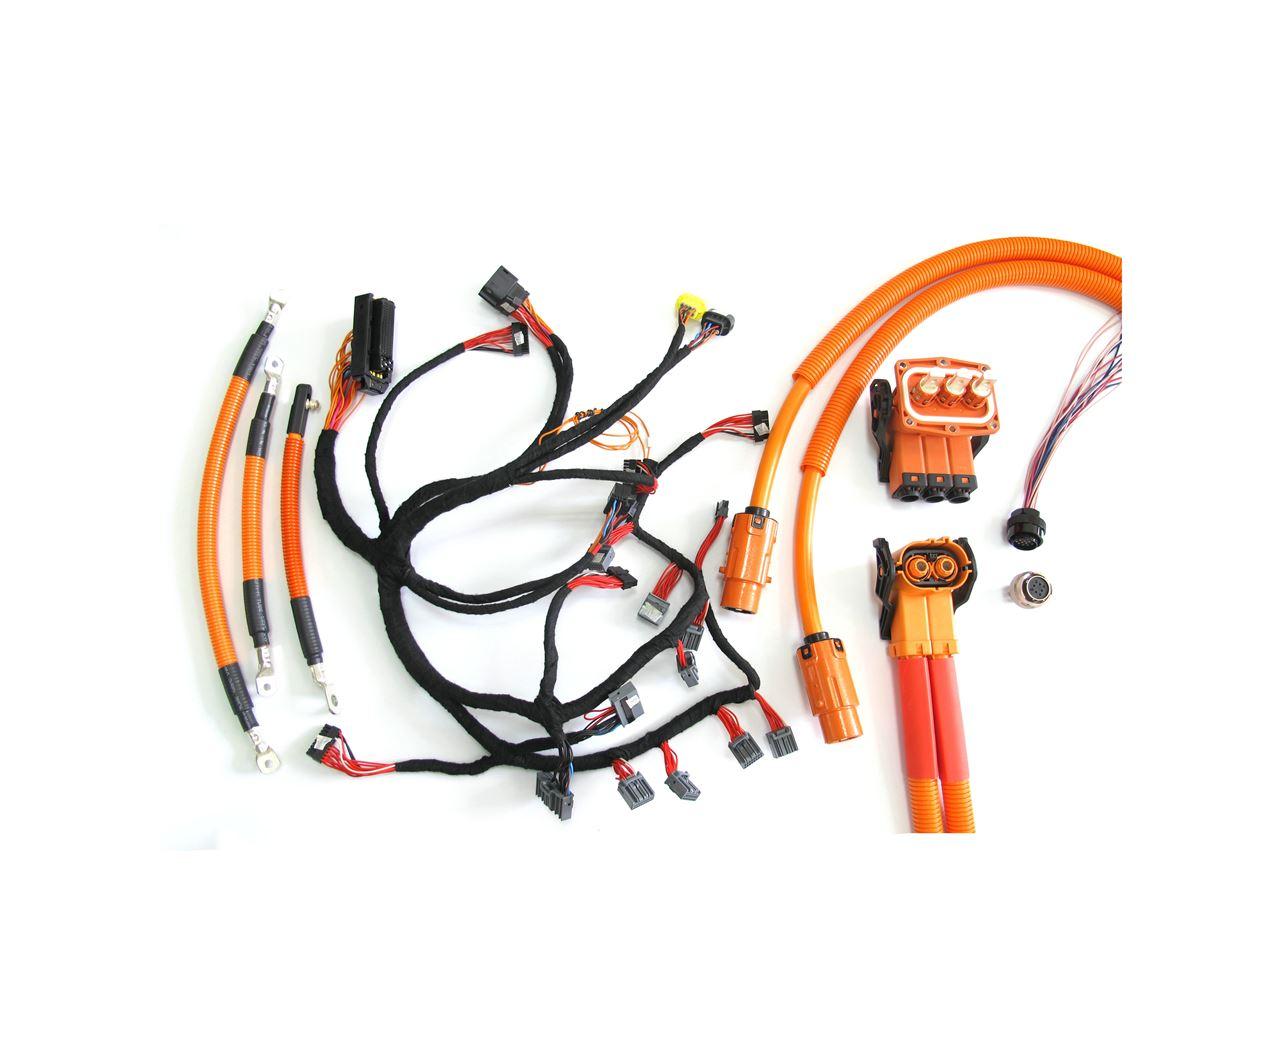 产品技术参数  1、额定电流:220A(50mm²),270A(70mm²) 2、额定电压:630AC/DC 3、耐电压:3000VAC 4、接触电阻:≤0.2mΩ